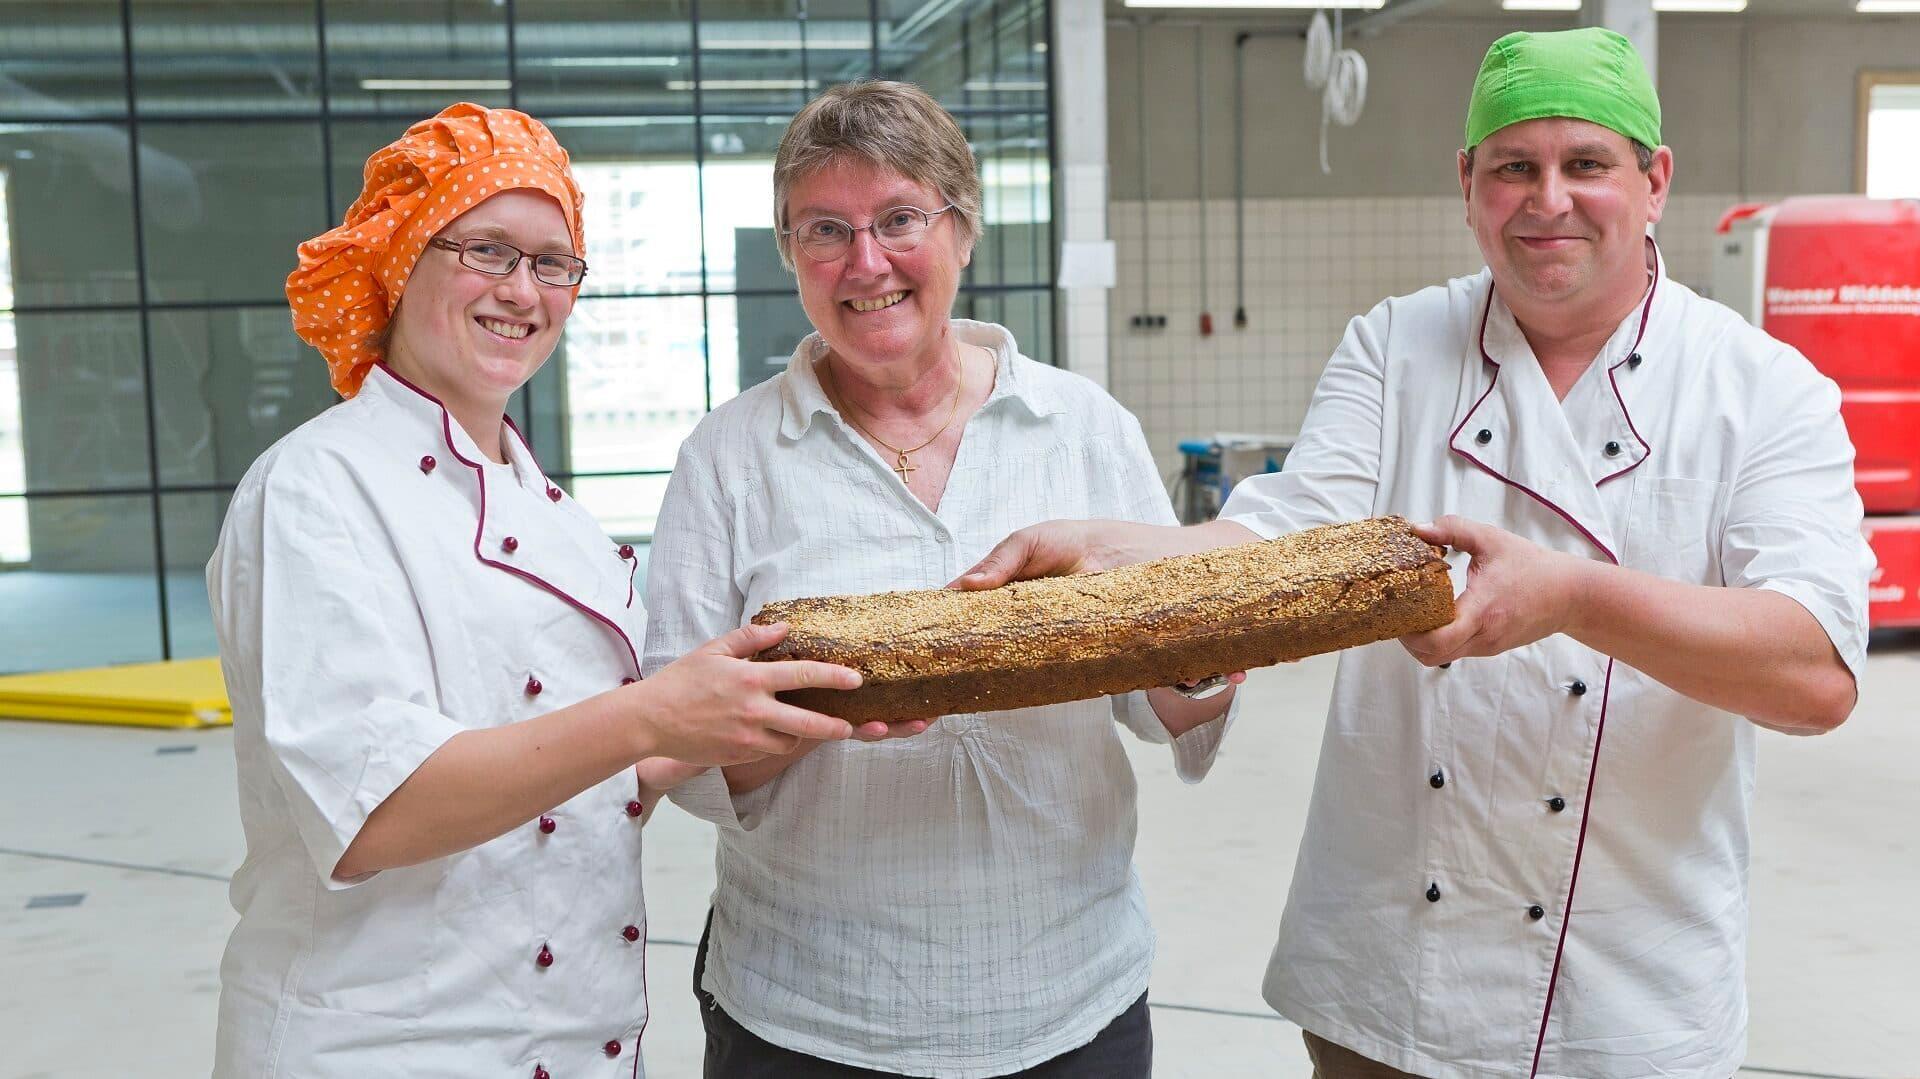 Bäckerin Franziska Glandorf, Cibaria-Gründerin Rike Kappler und Bäckermeister Stefan Lewe halten das erste Brot in Händen, das in der neuen produktionsstätte gebacken wurde.